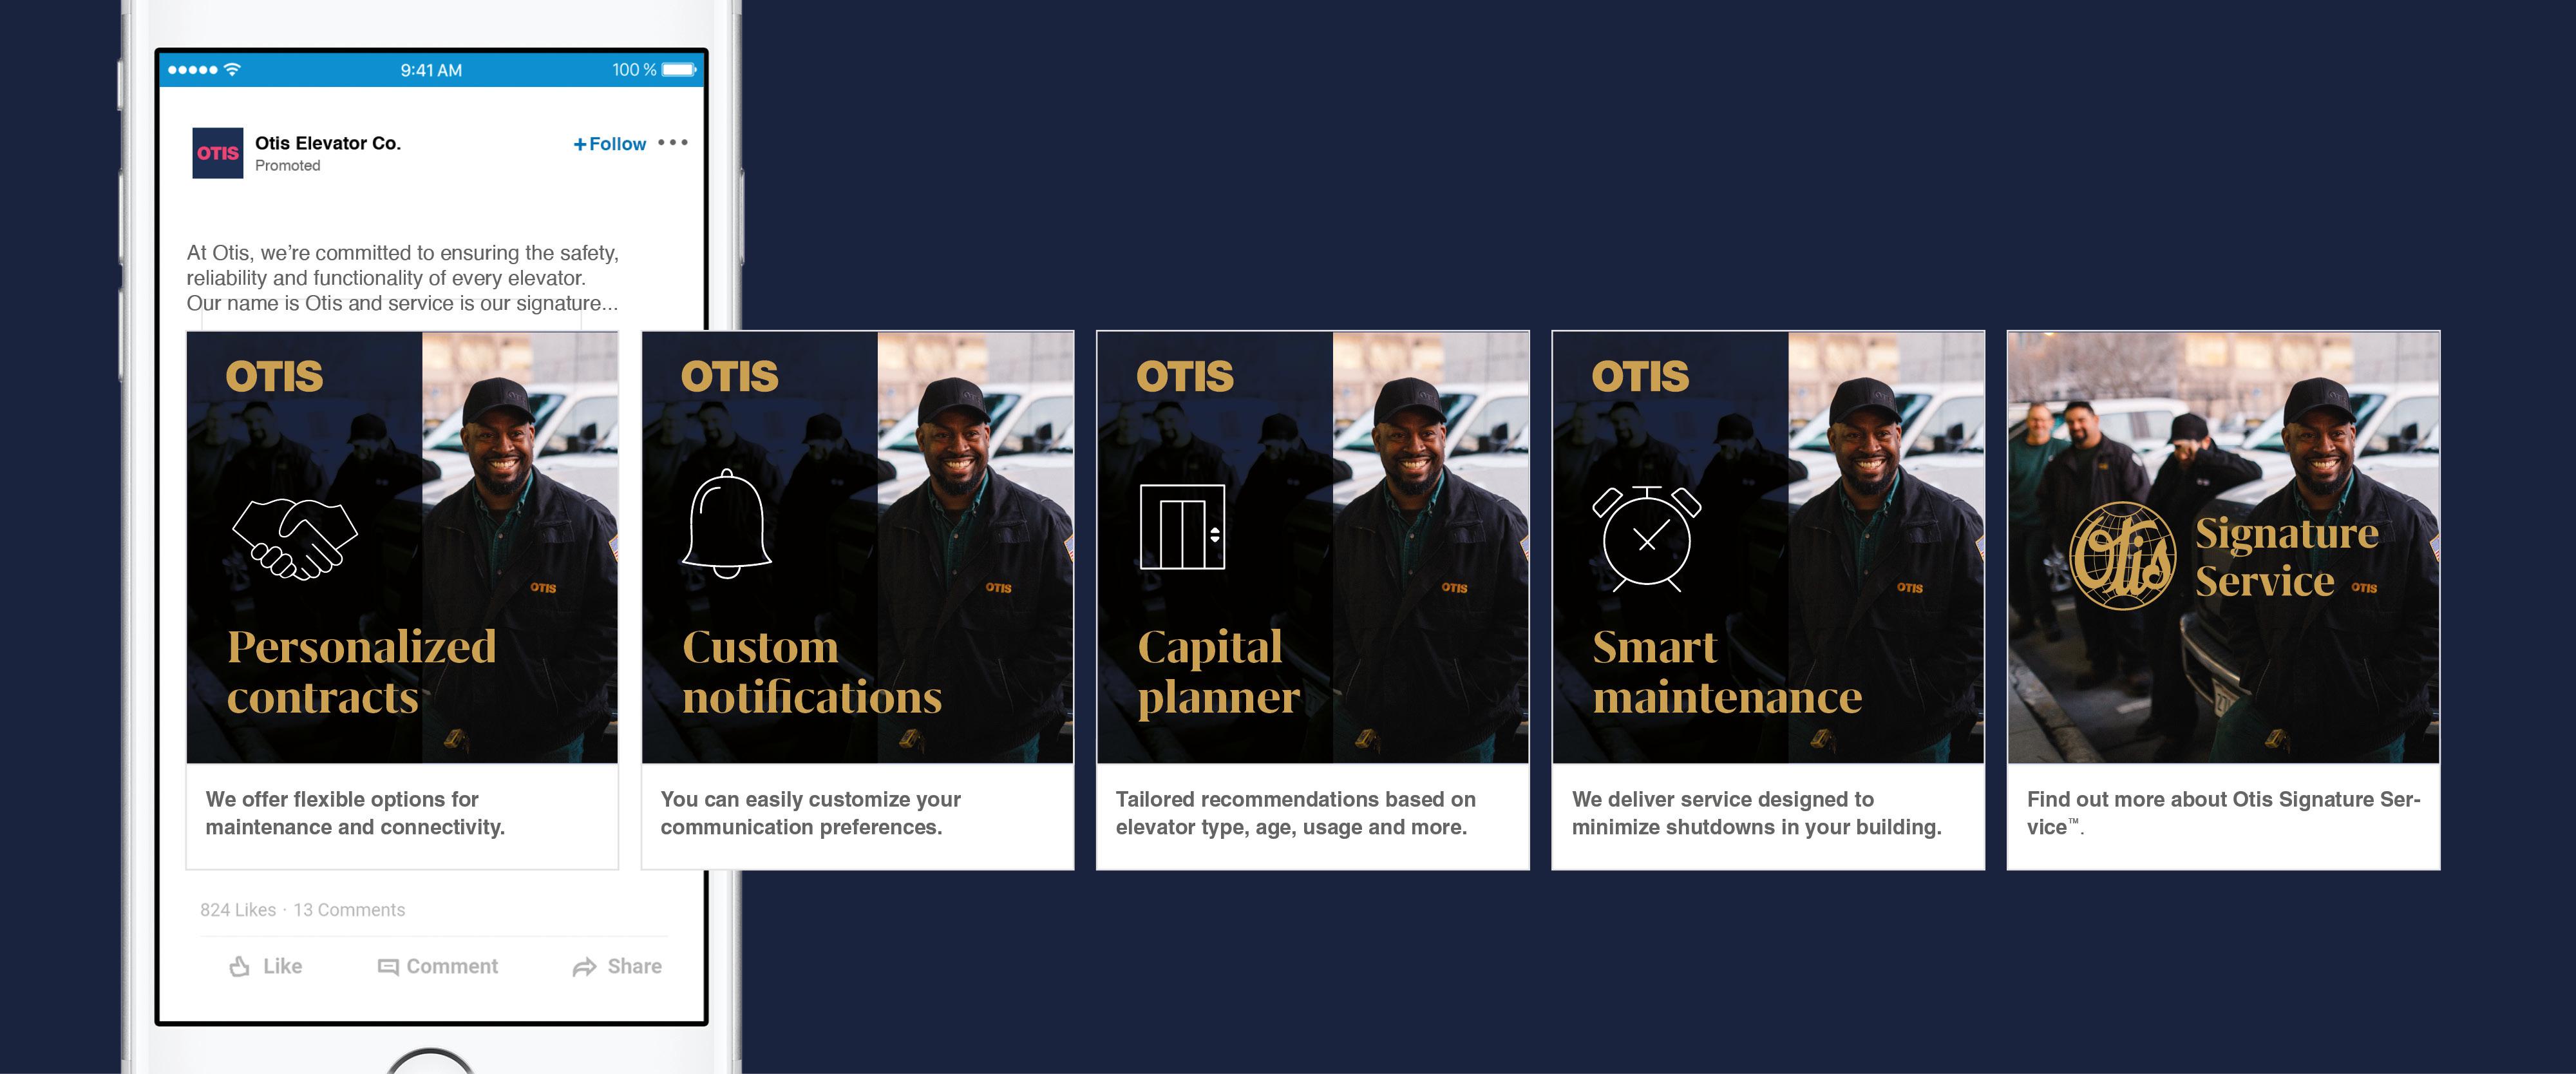 Otis Signature Service